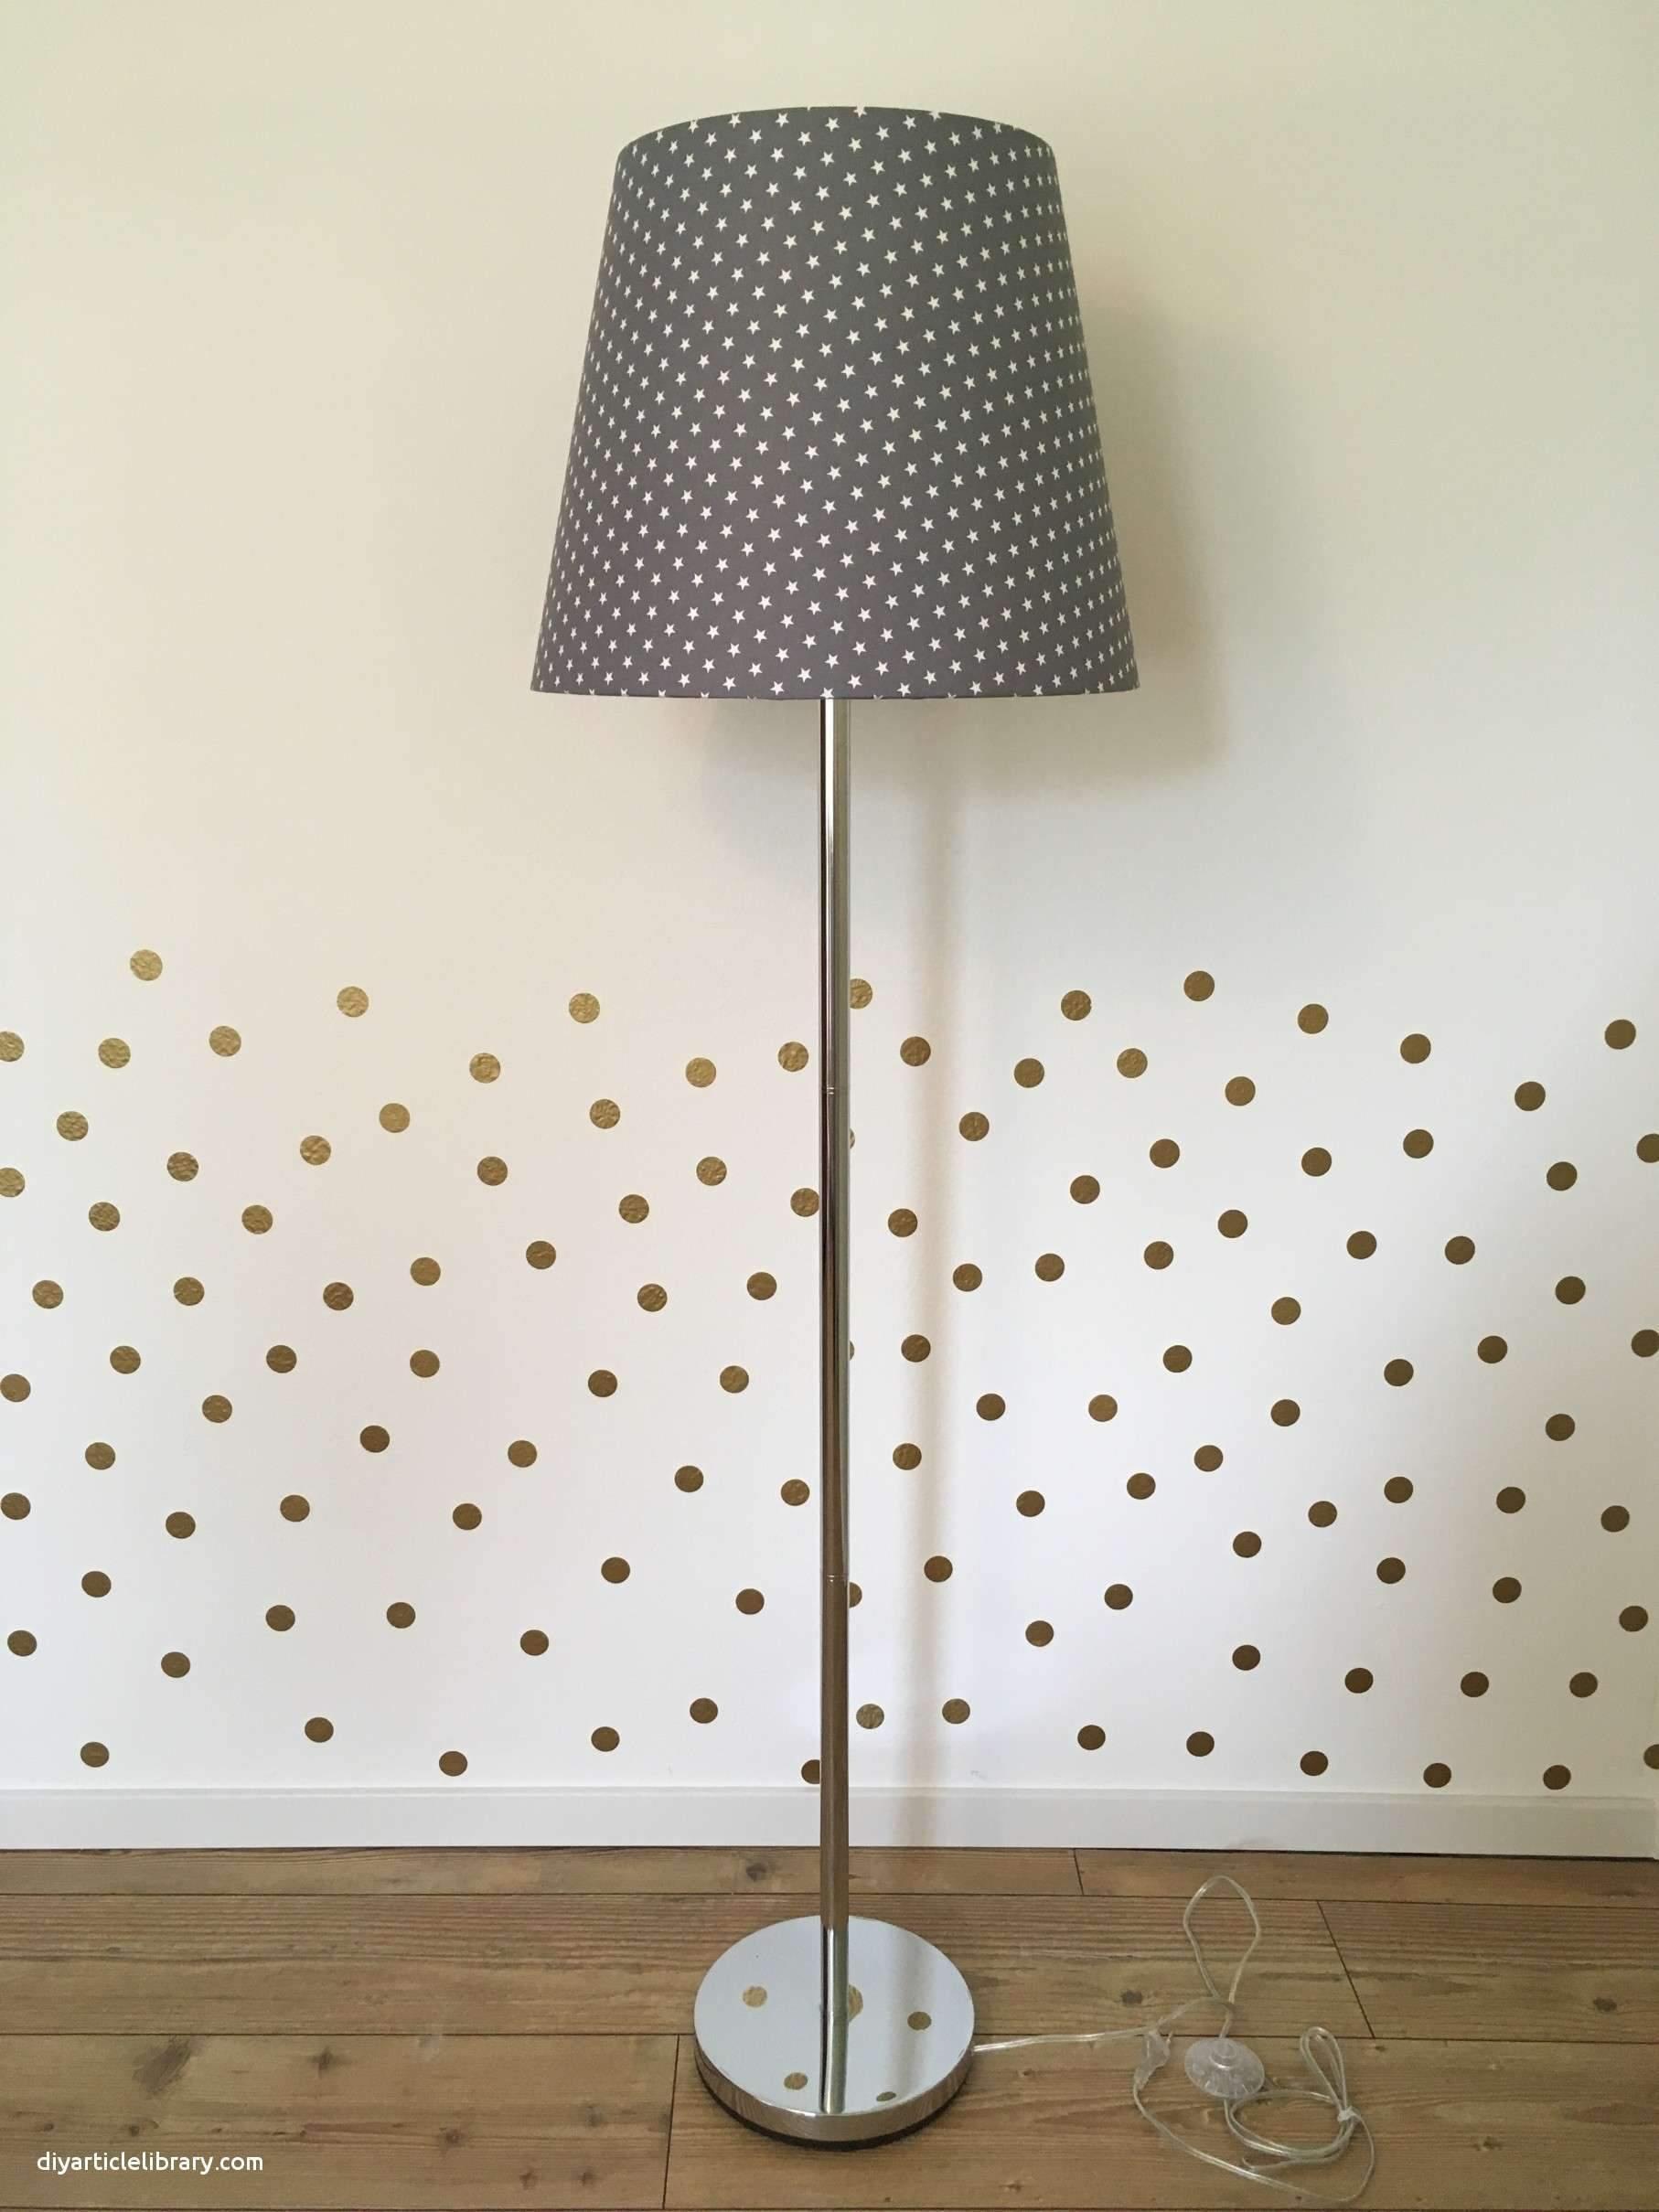 Full Size of Moderne Stehlampe Wohnzimmer 34 Luxus Stehlampen Inspirierend Frisch Vitrine Weiß Deckenlampe Stehleuchte Hängeleuchte Beleuchtung Teppich Gardinen Wohnzimmer Moderne Stehlampe Wohnzimmer